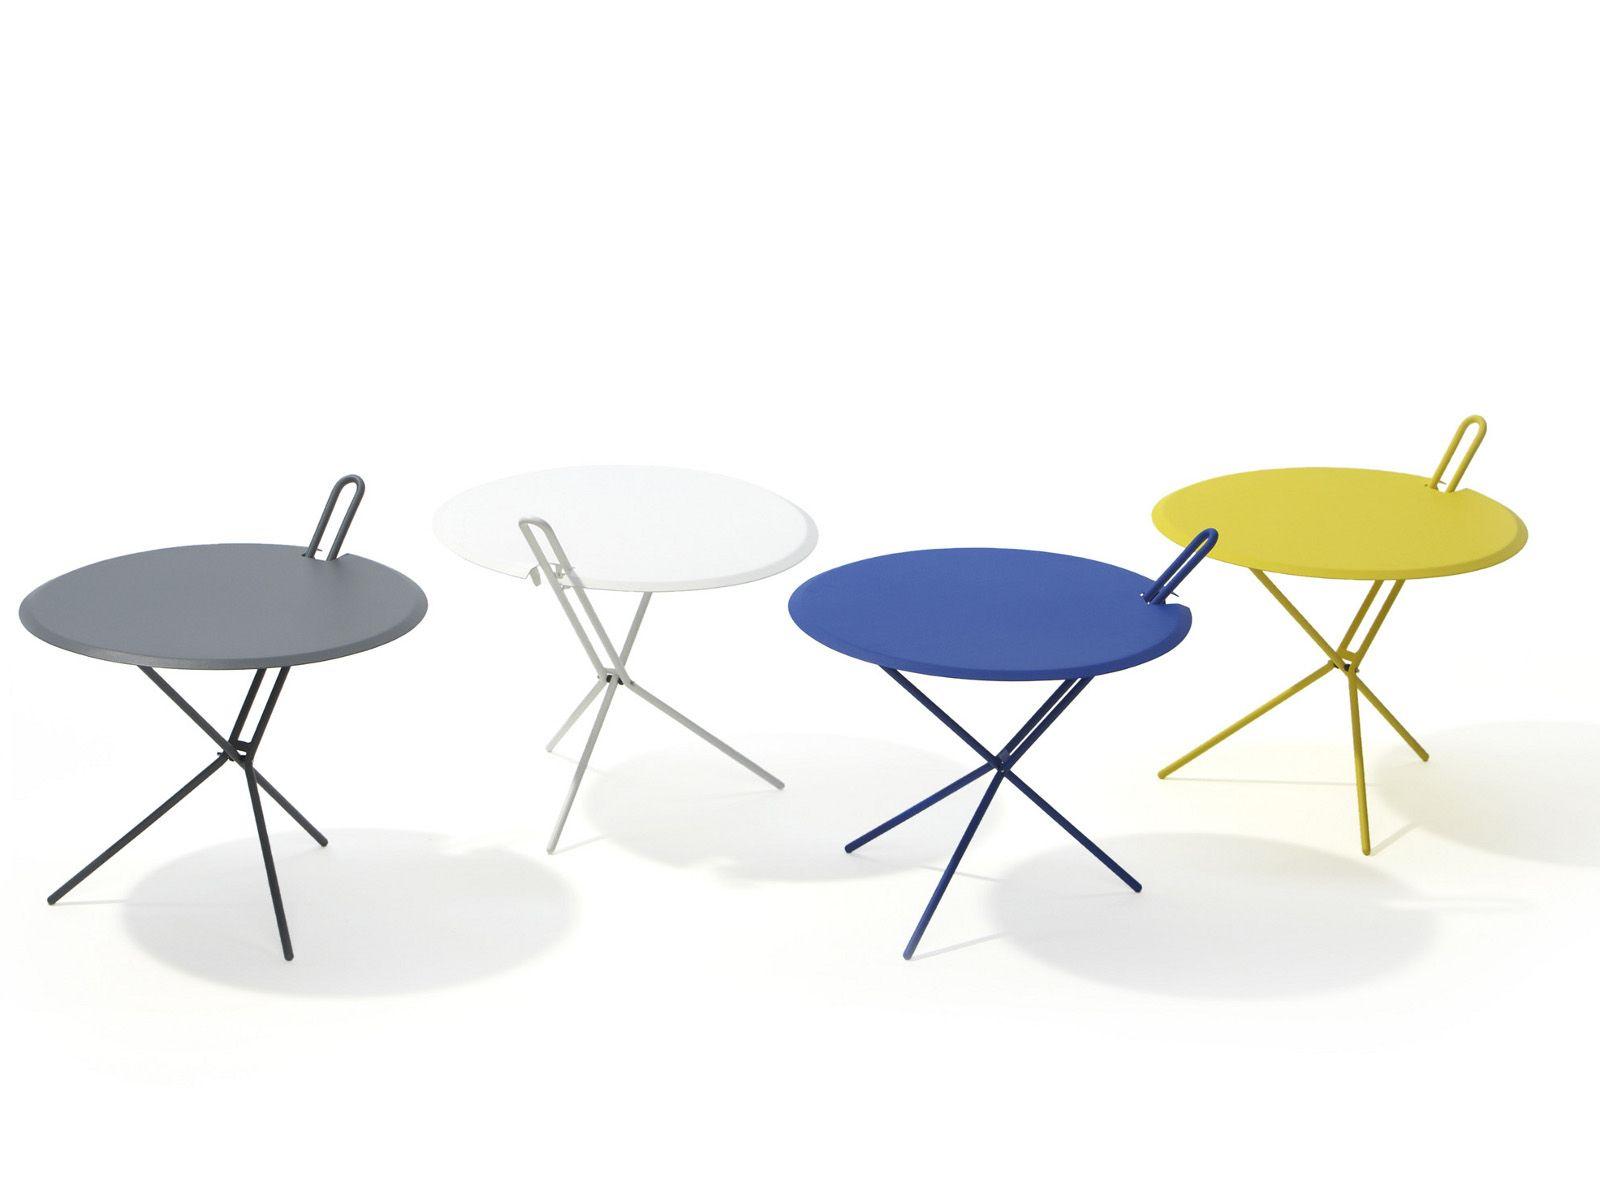 2b86a8bcb444a6d7506fd722b7dbc759 Unique De Table Pliante Jardin Des Idées